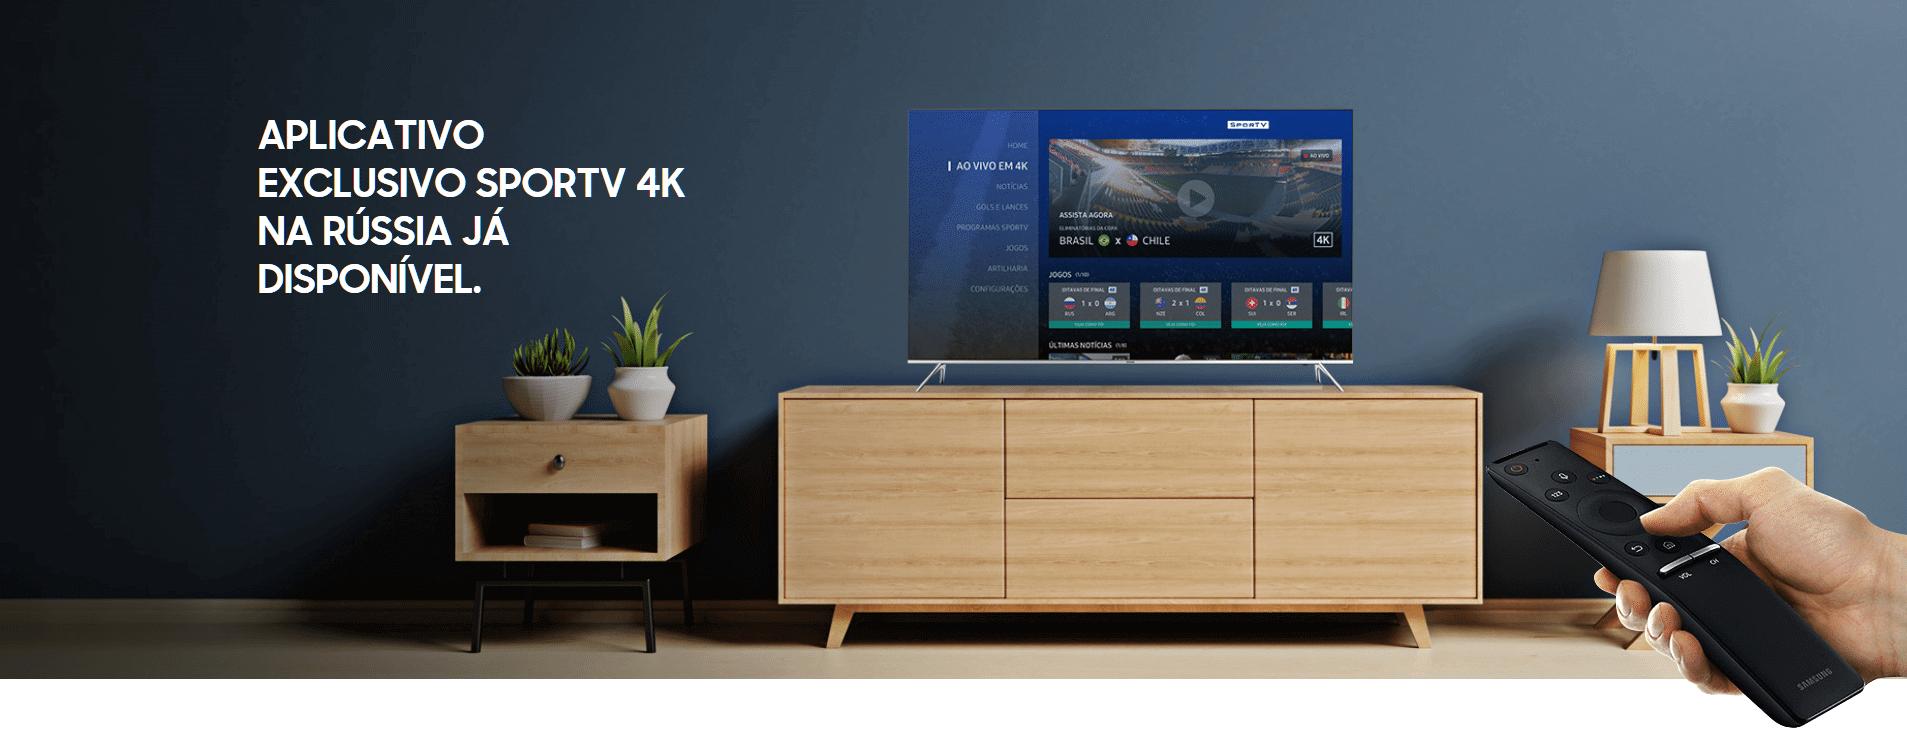 sportv 4k na russia - Samsung lança app exclusivo para quem quer assistir a Copa em 4K